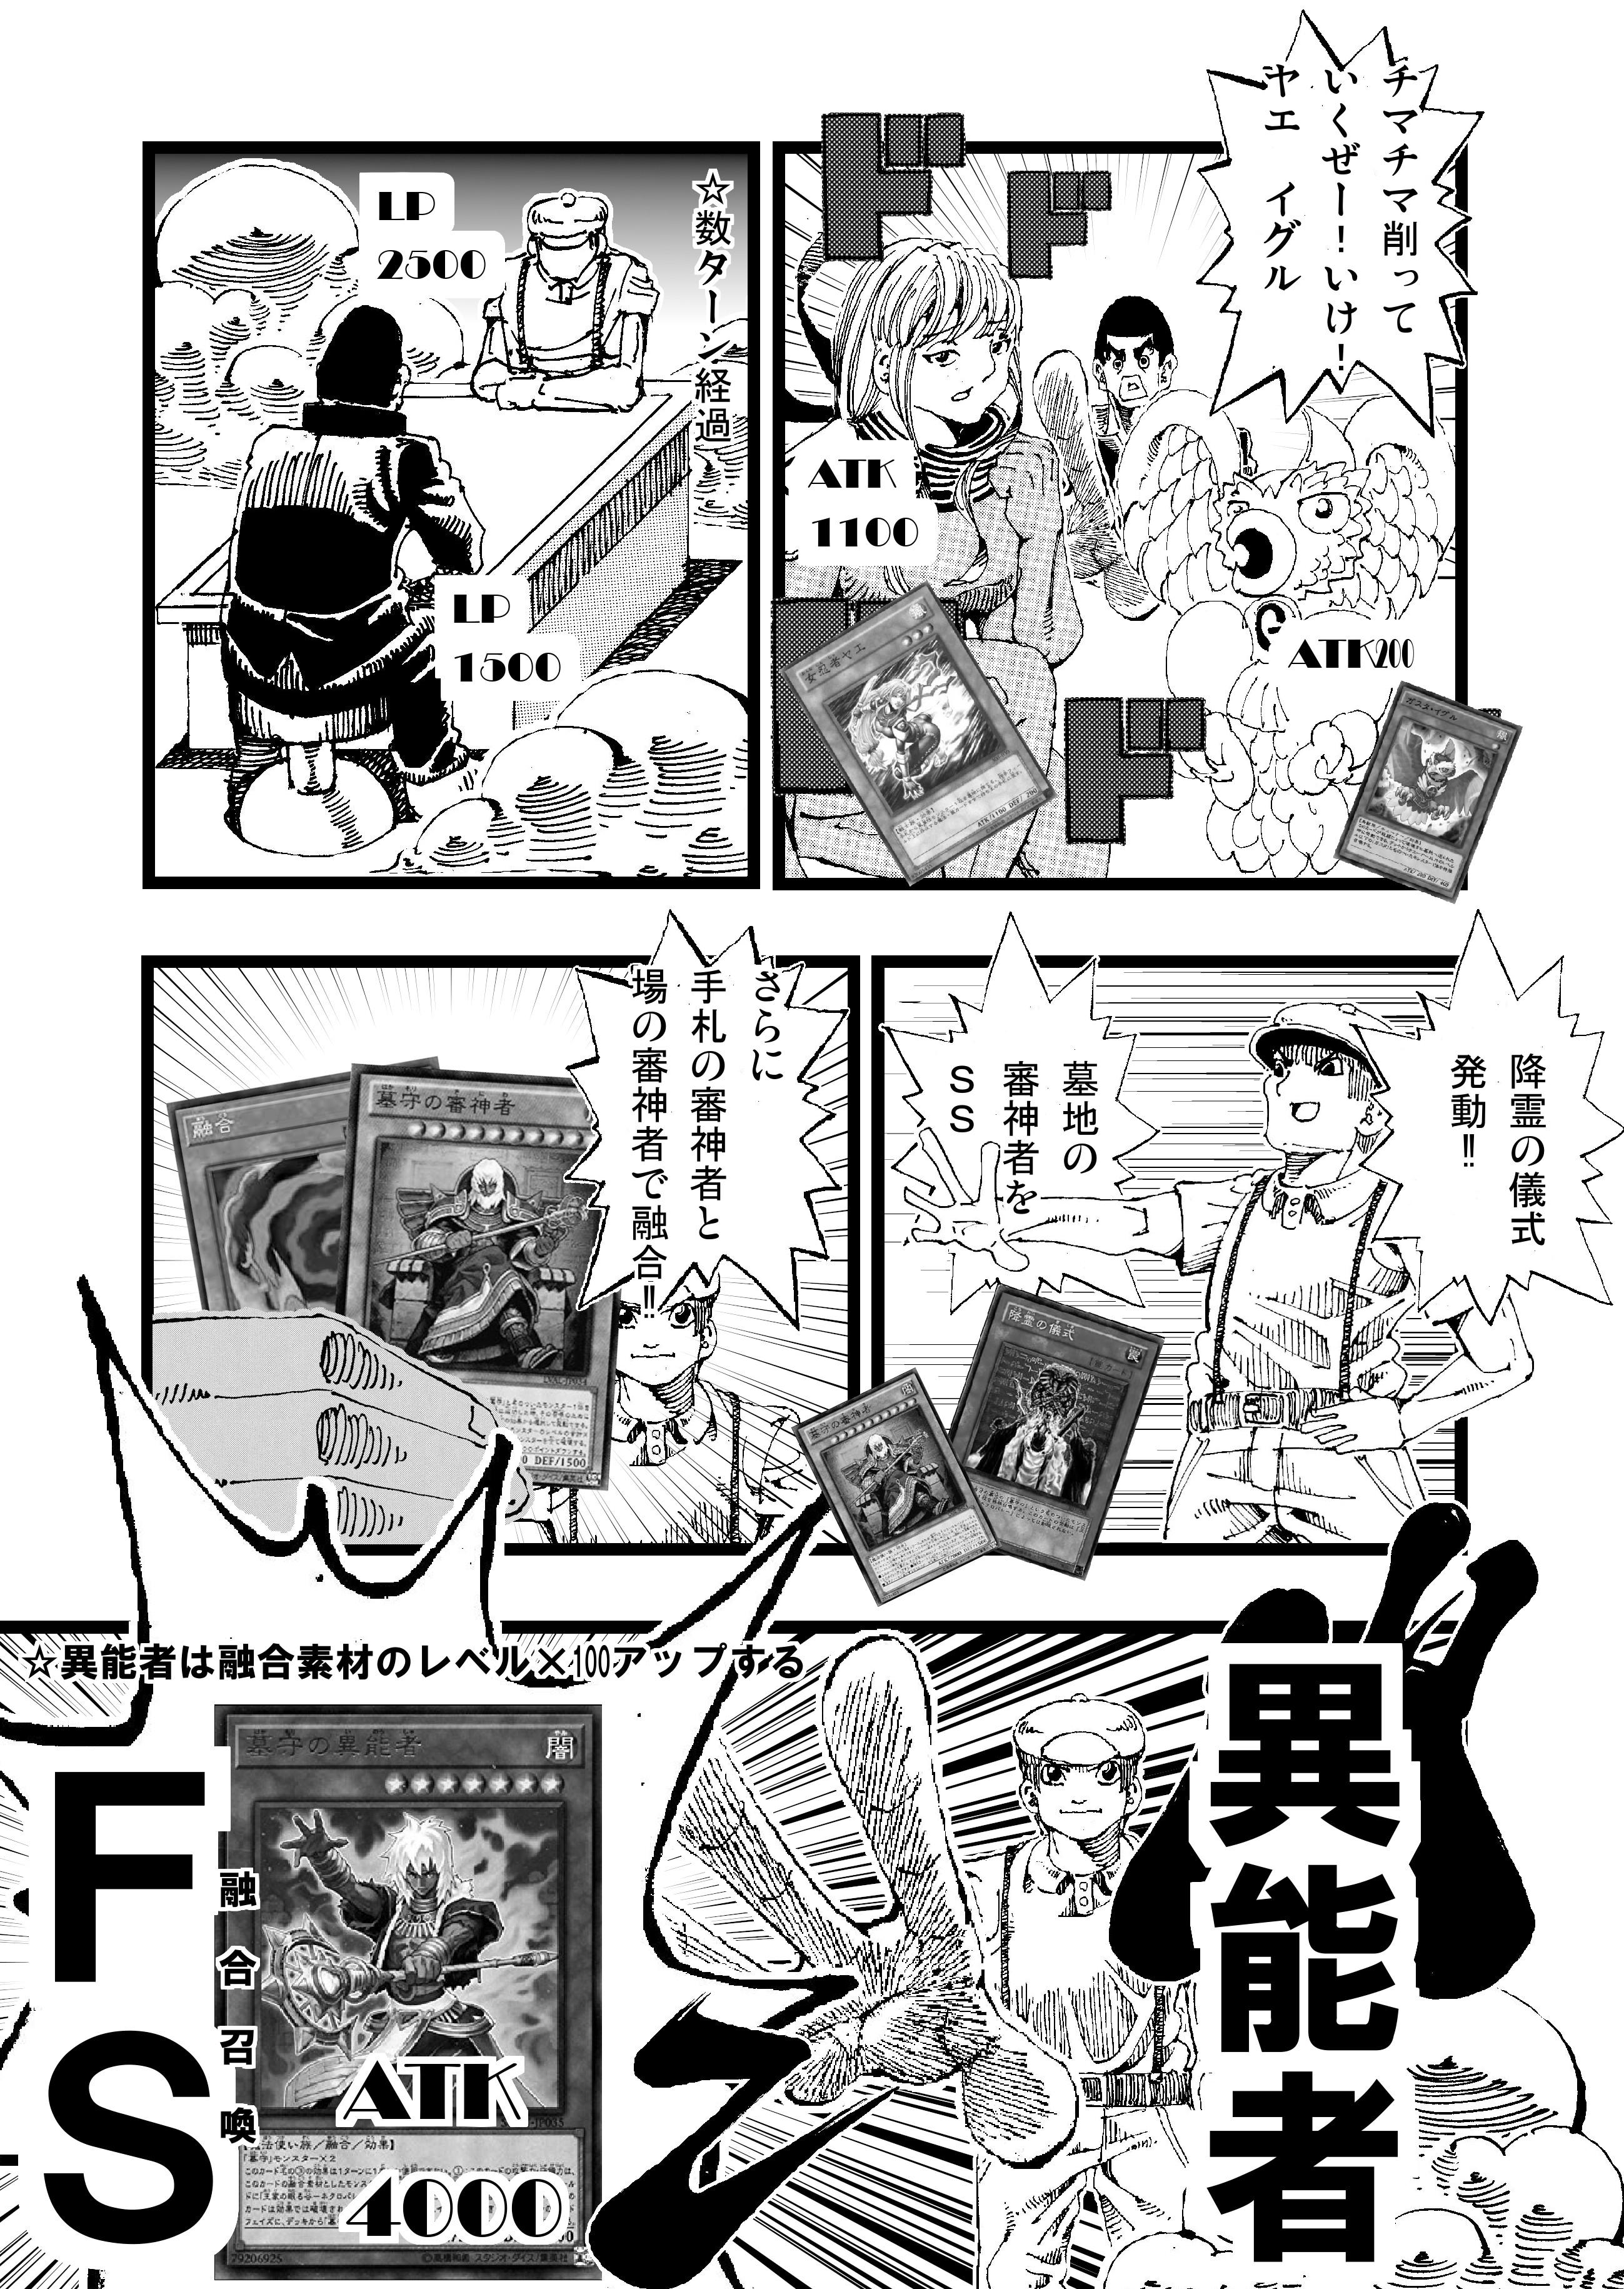 遊戯王デュエルリンクス日記42 万引き少年編 決闘の章-後編